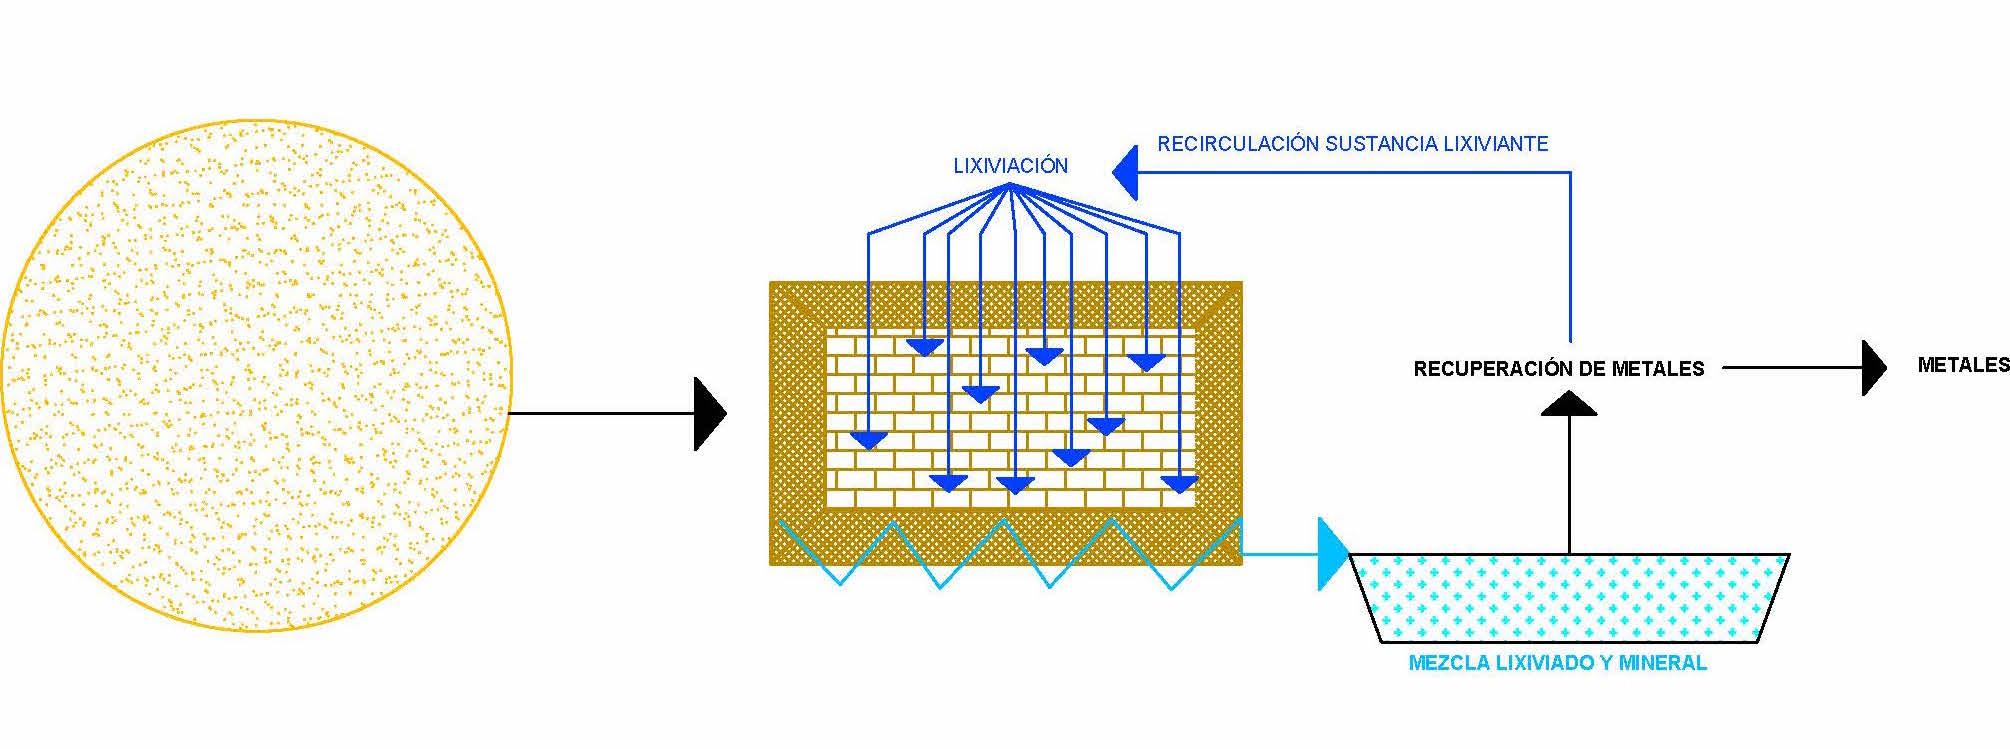 Esquema básico de Heap Leaching o lixiviación de acopios